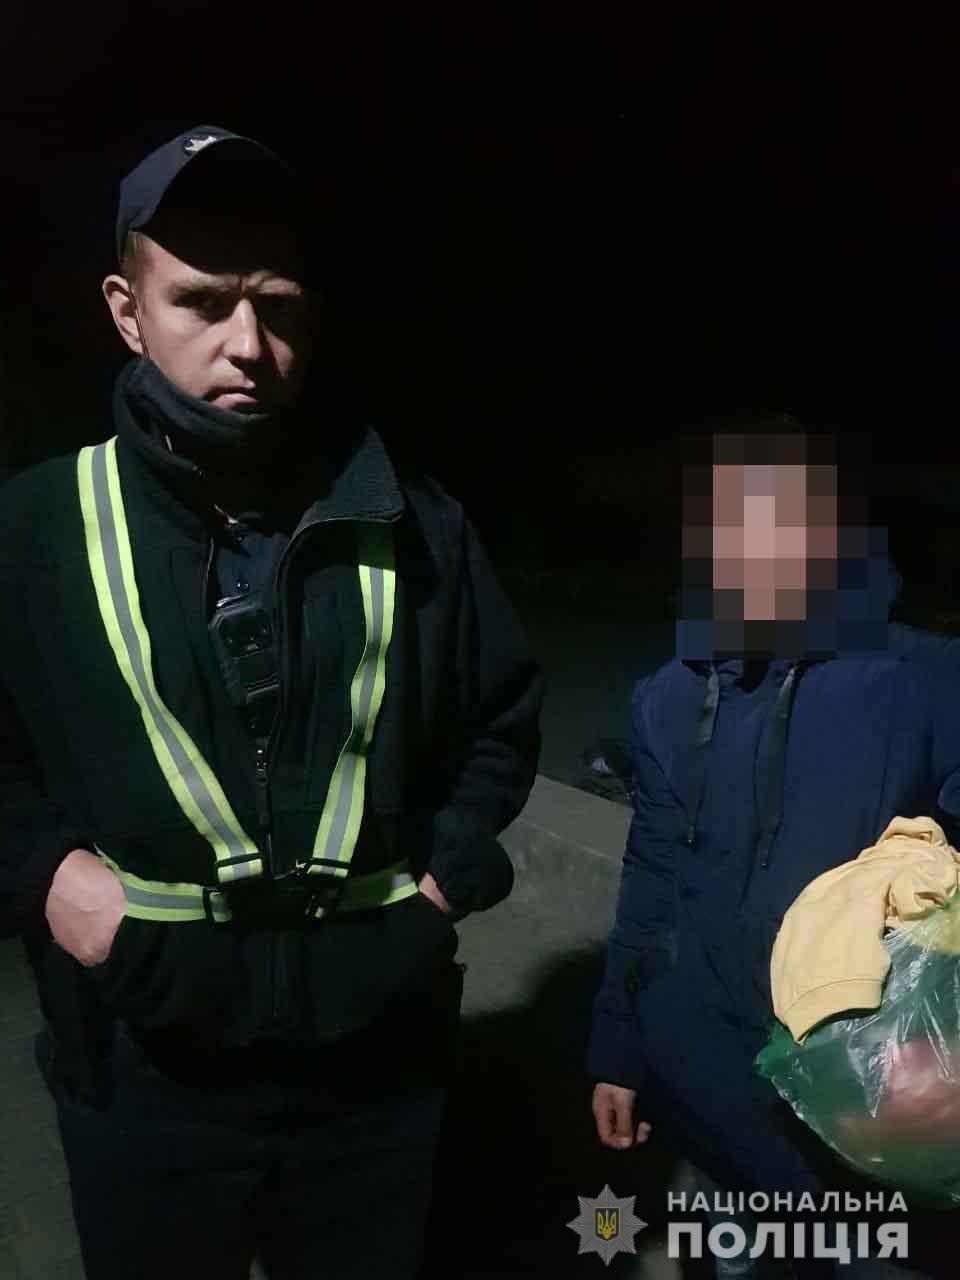 На Волині за вихідні розшукали чотирьох зниклих неповнолітніх